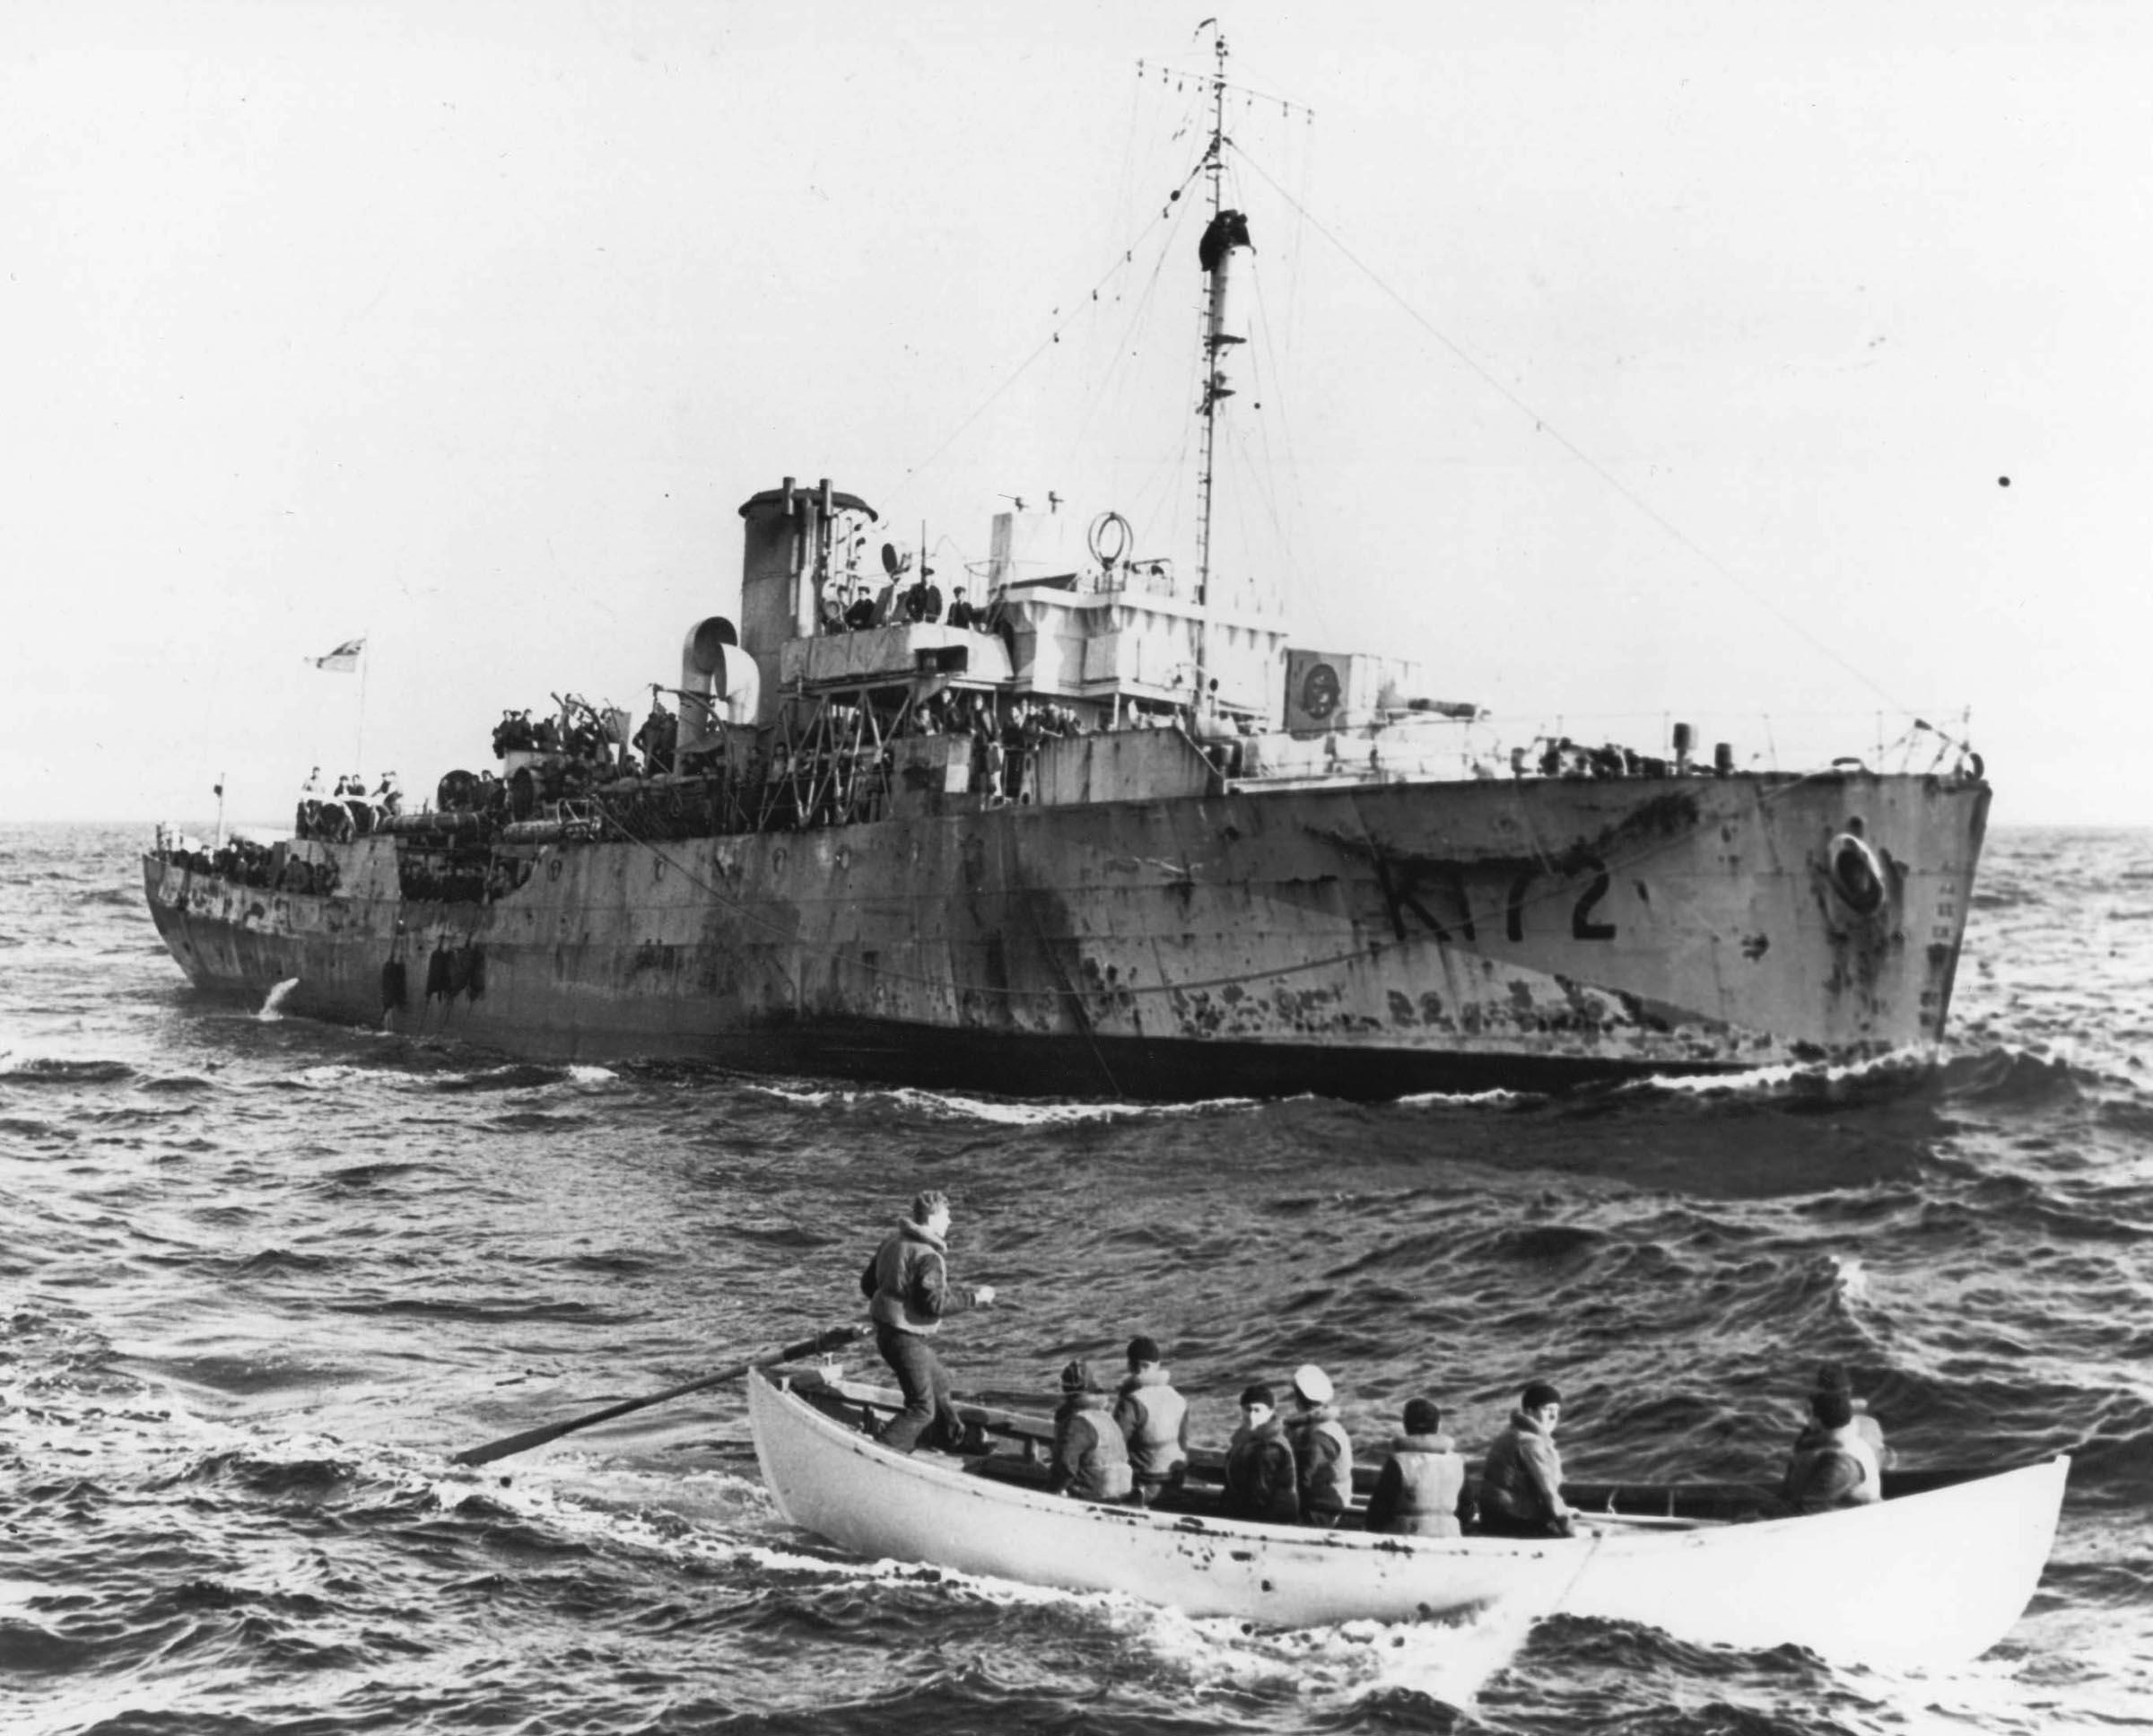 HMCS TRILLIUM